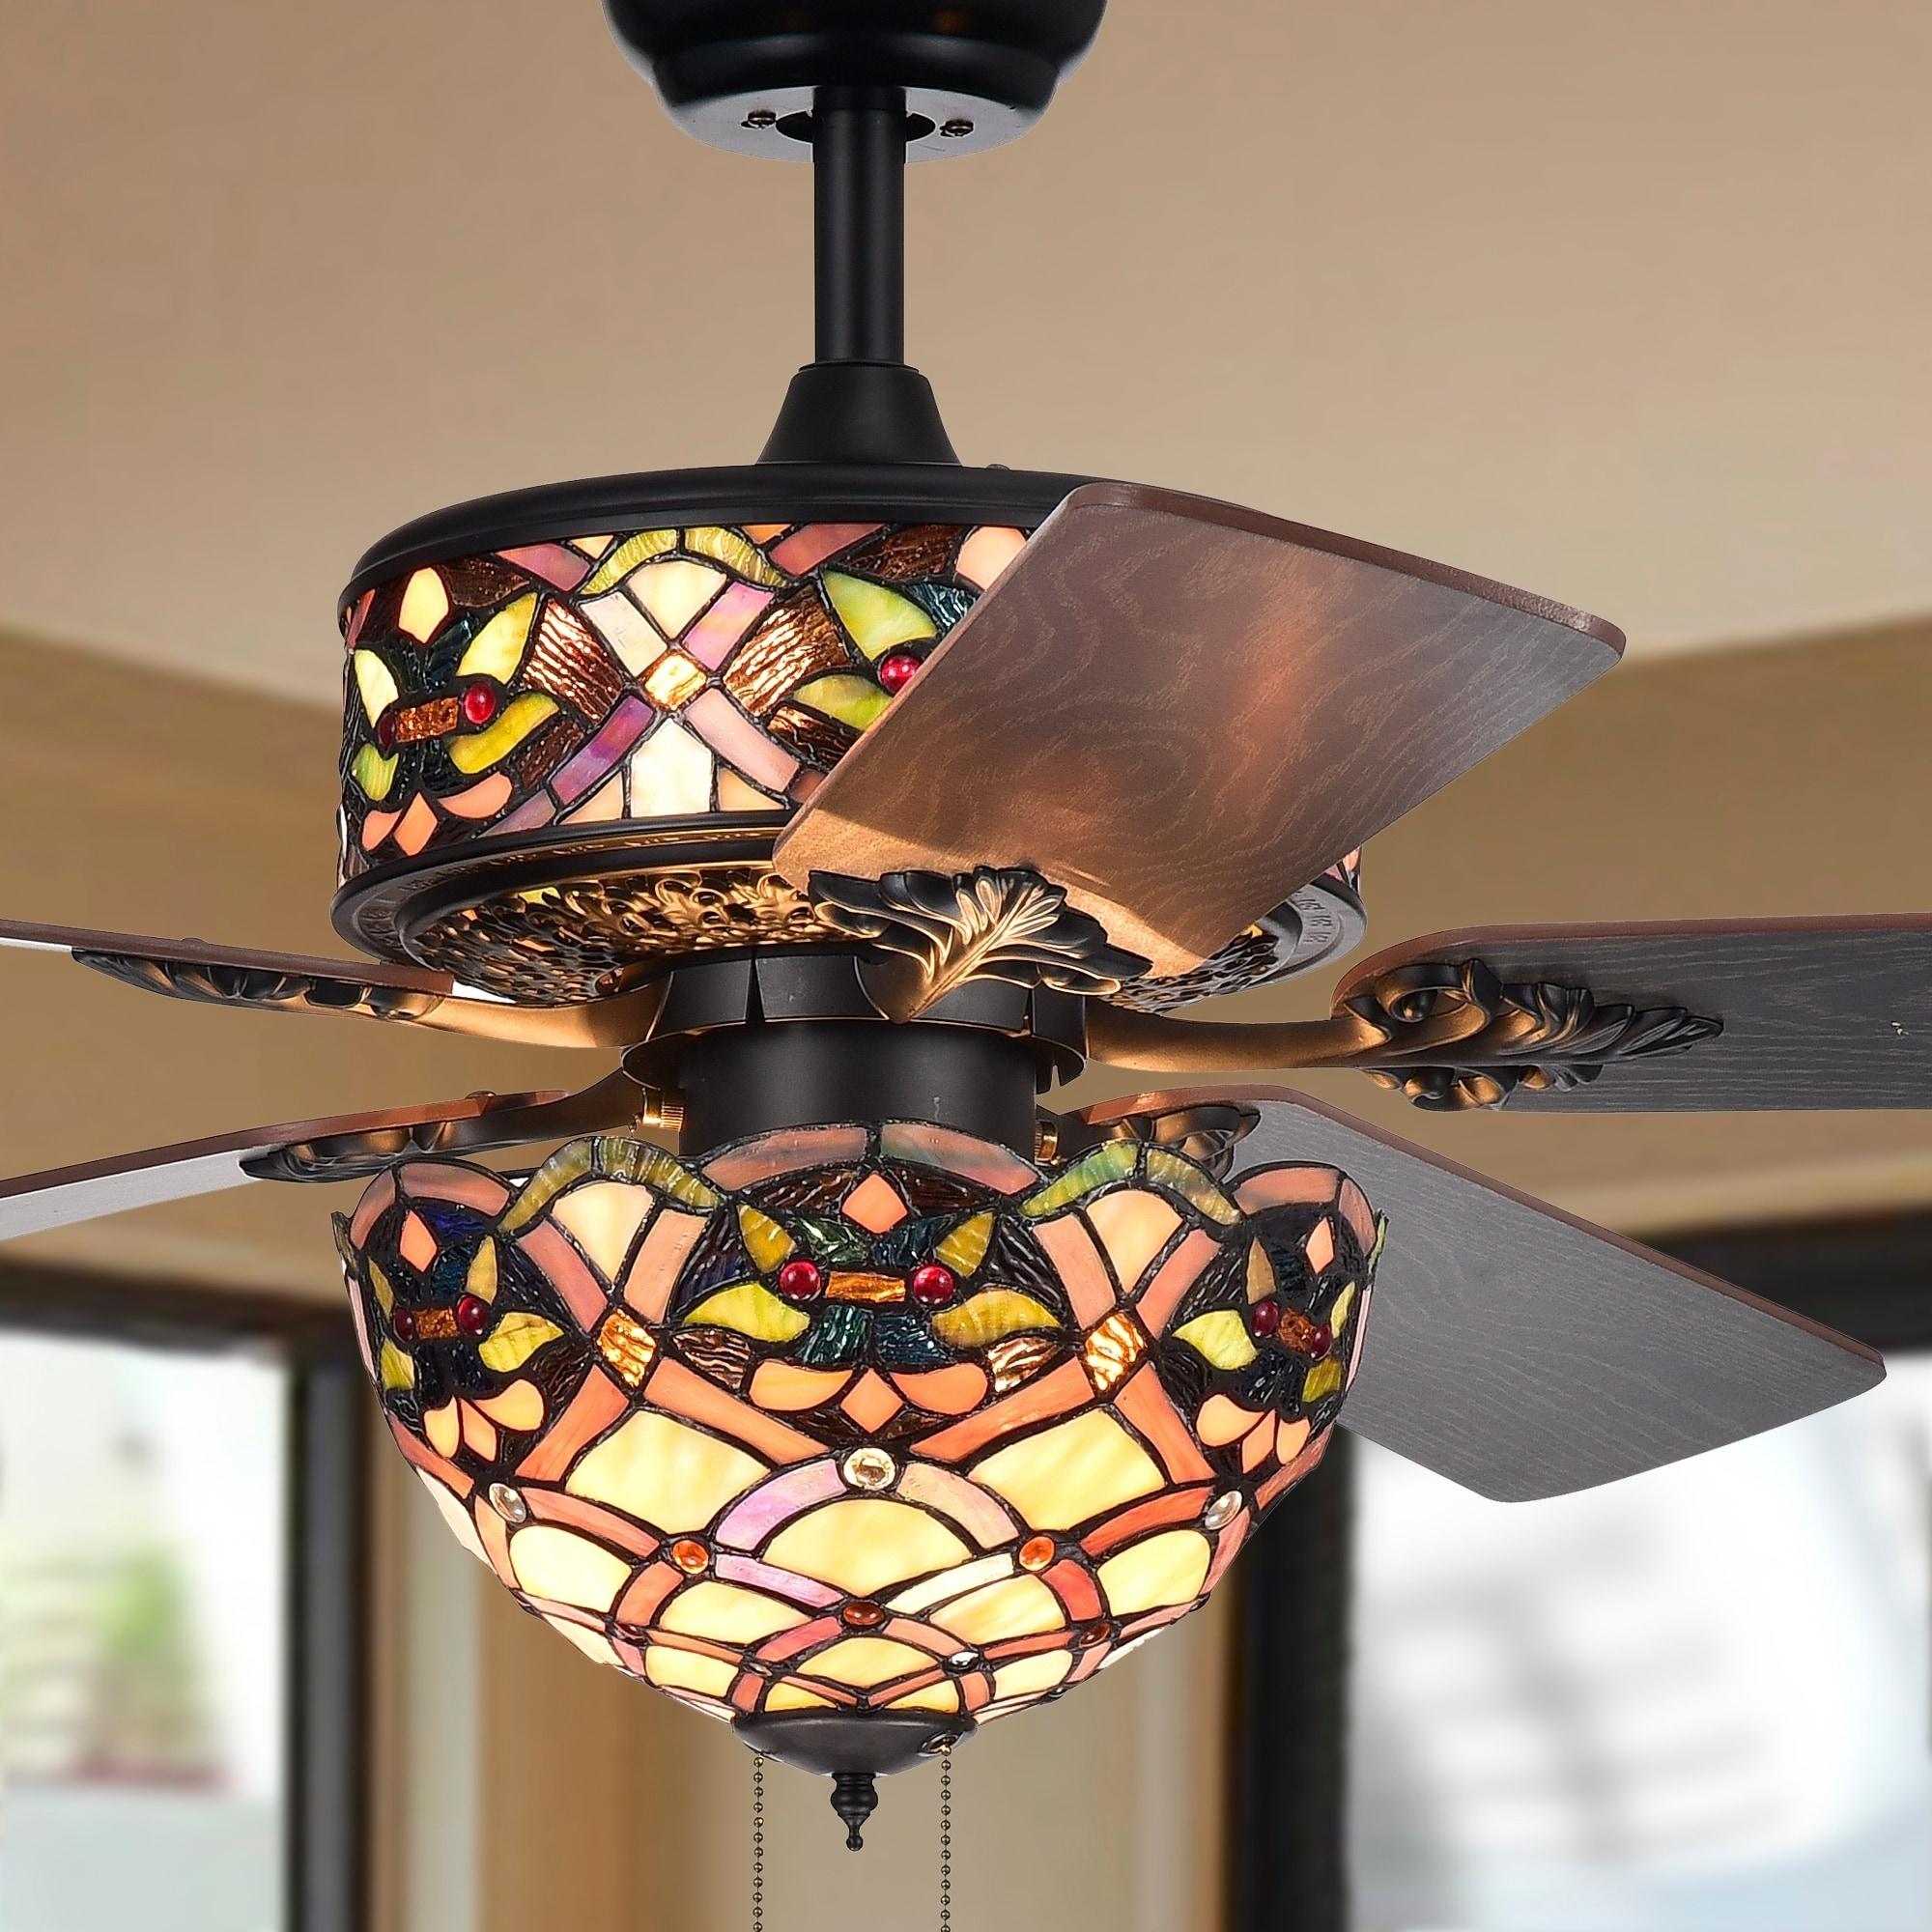 Kalsti 6 Light Lily Tiffany 5 Blade 52 Inch Matte Black Ceiling Fan On Sale Overstock 19512157